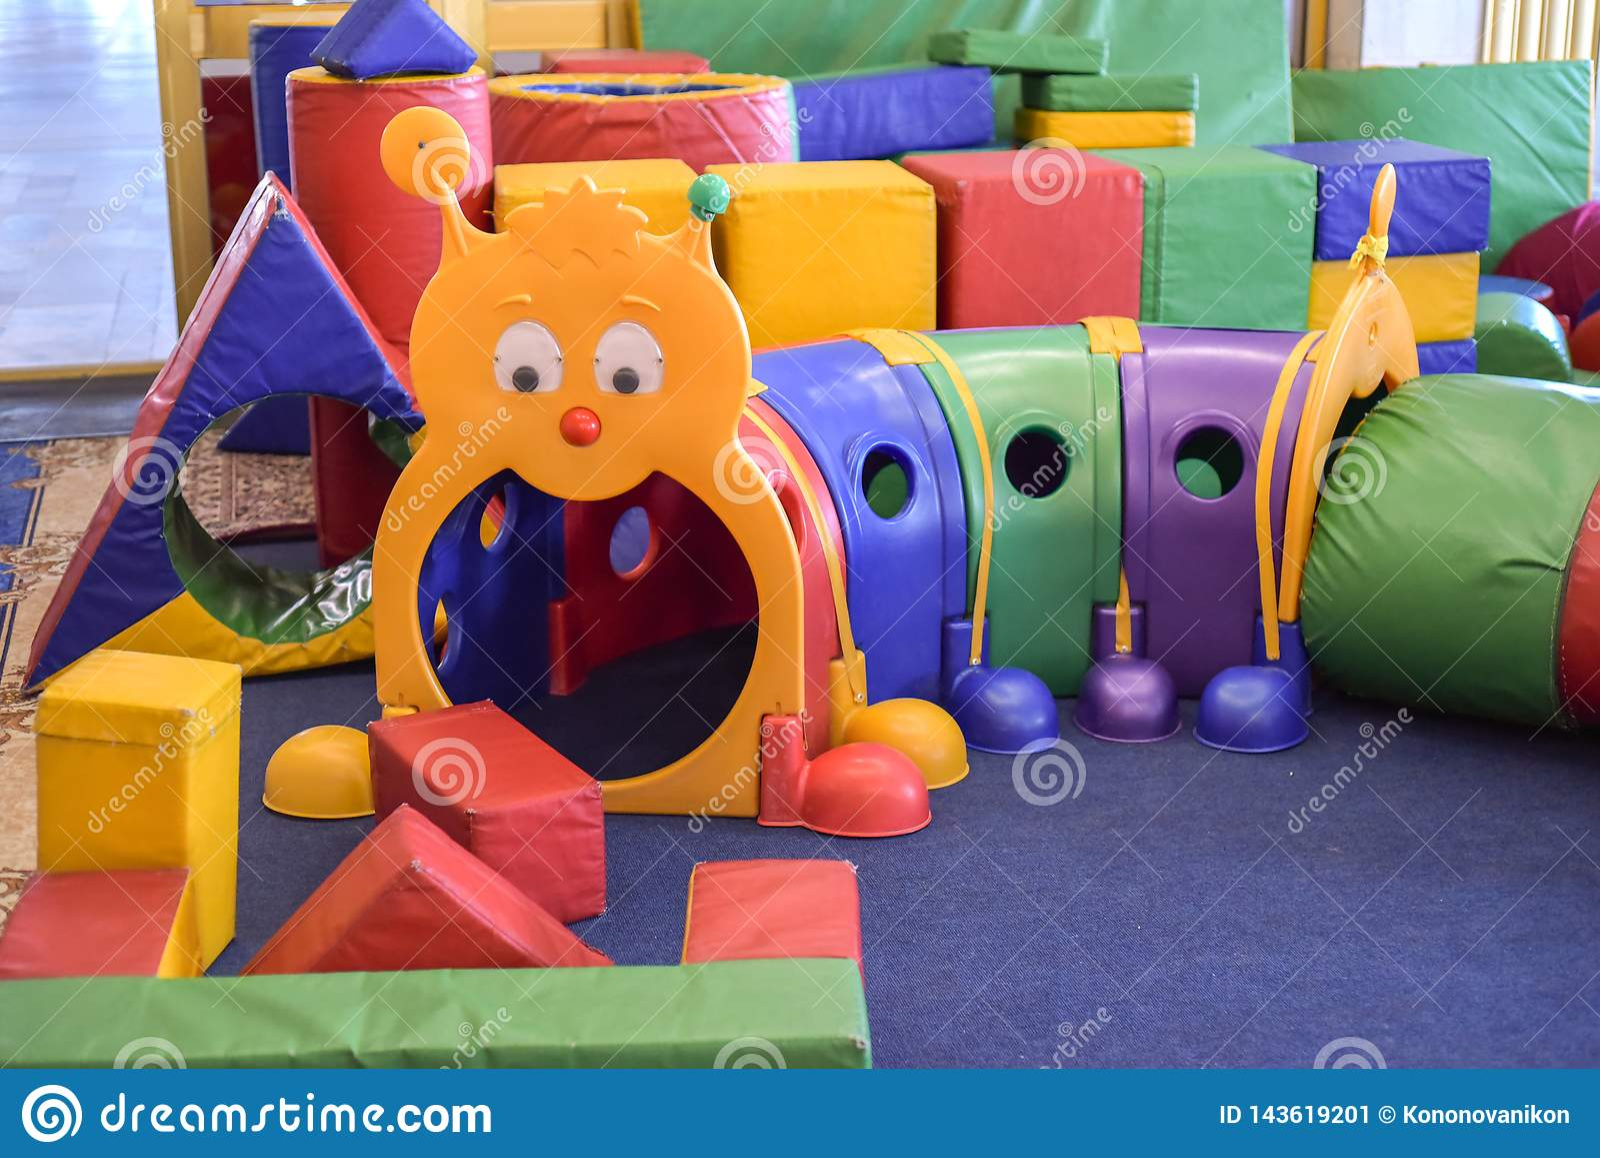 儿童` s游戏室 儿童的游戏室的内部与玩具的 幼稚园